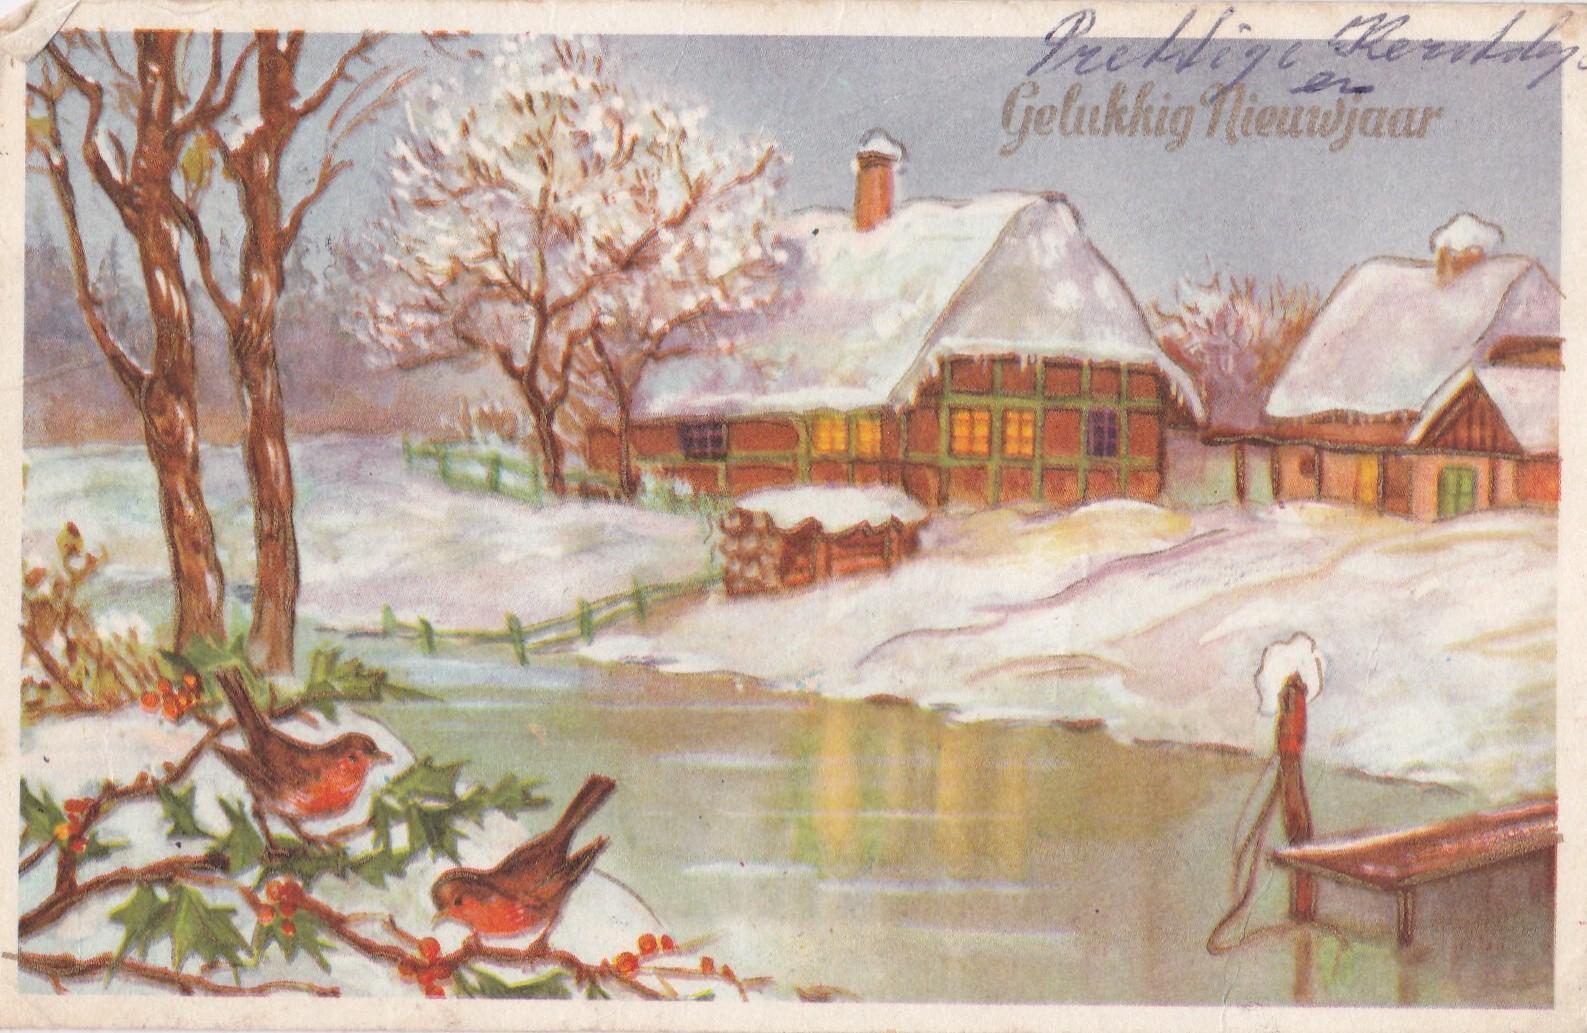 Nostalgische Kerstkaarten uit vervlogen tijden